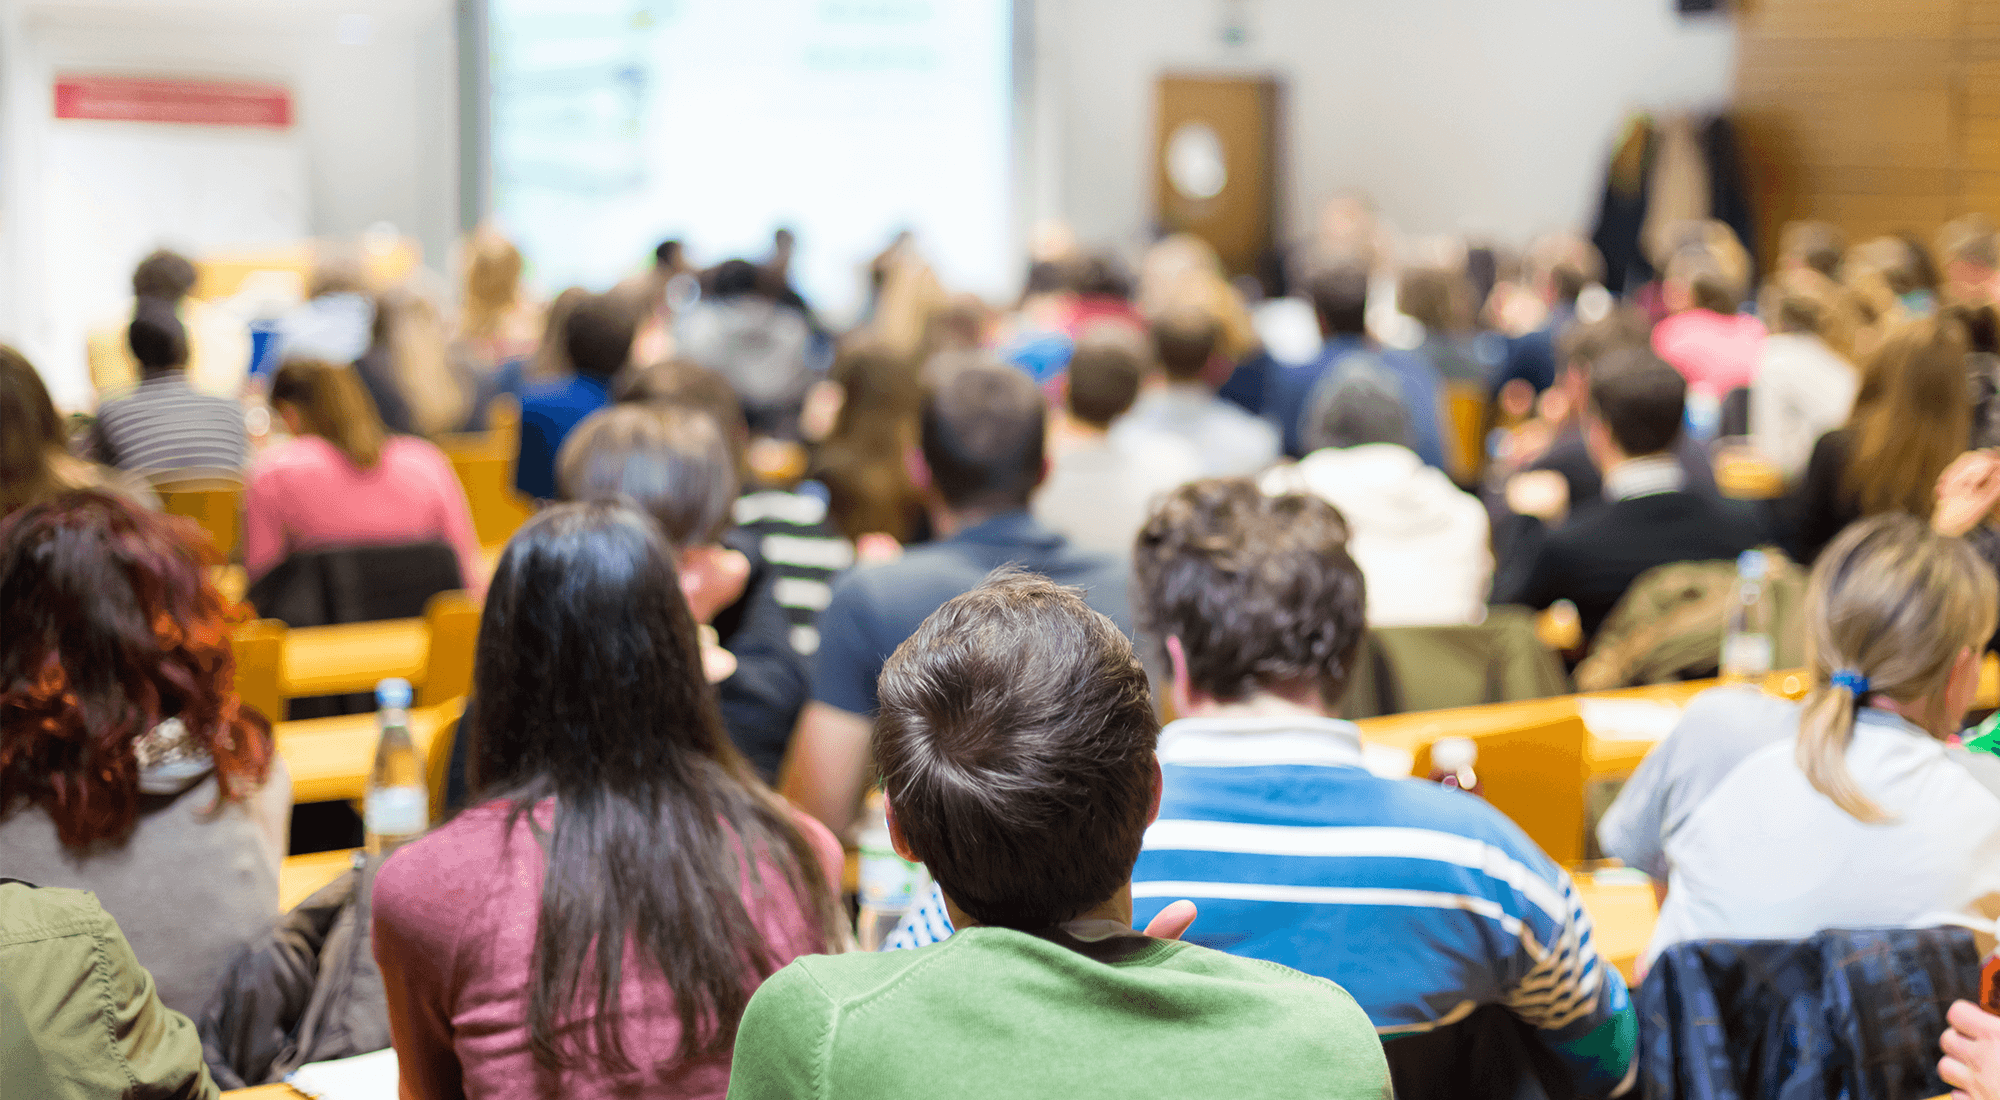 εκπαιδευτικές-δράσεις-ελληνικά-ευρωπαϊκά-μαθητικά-συνέδρια